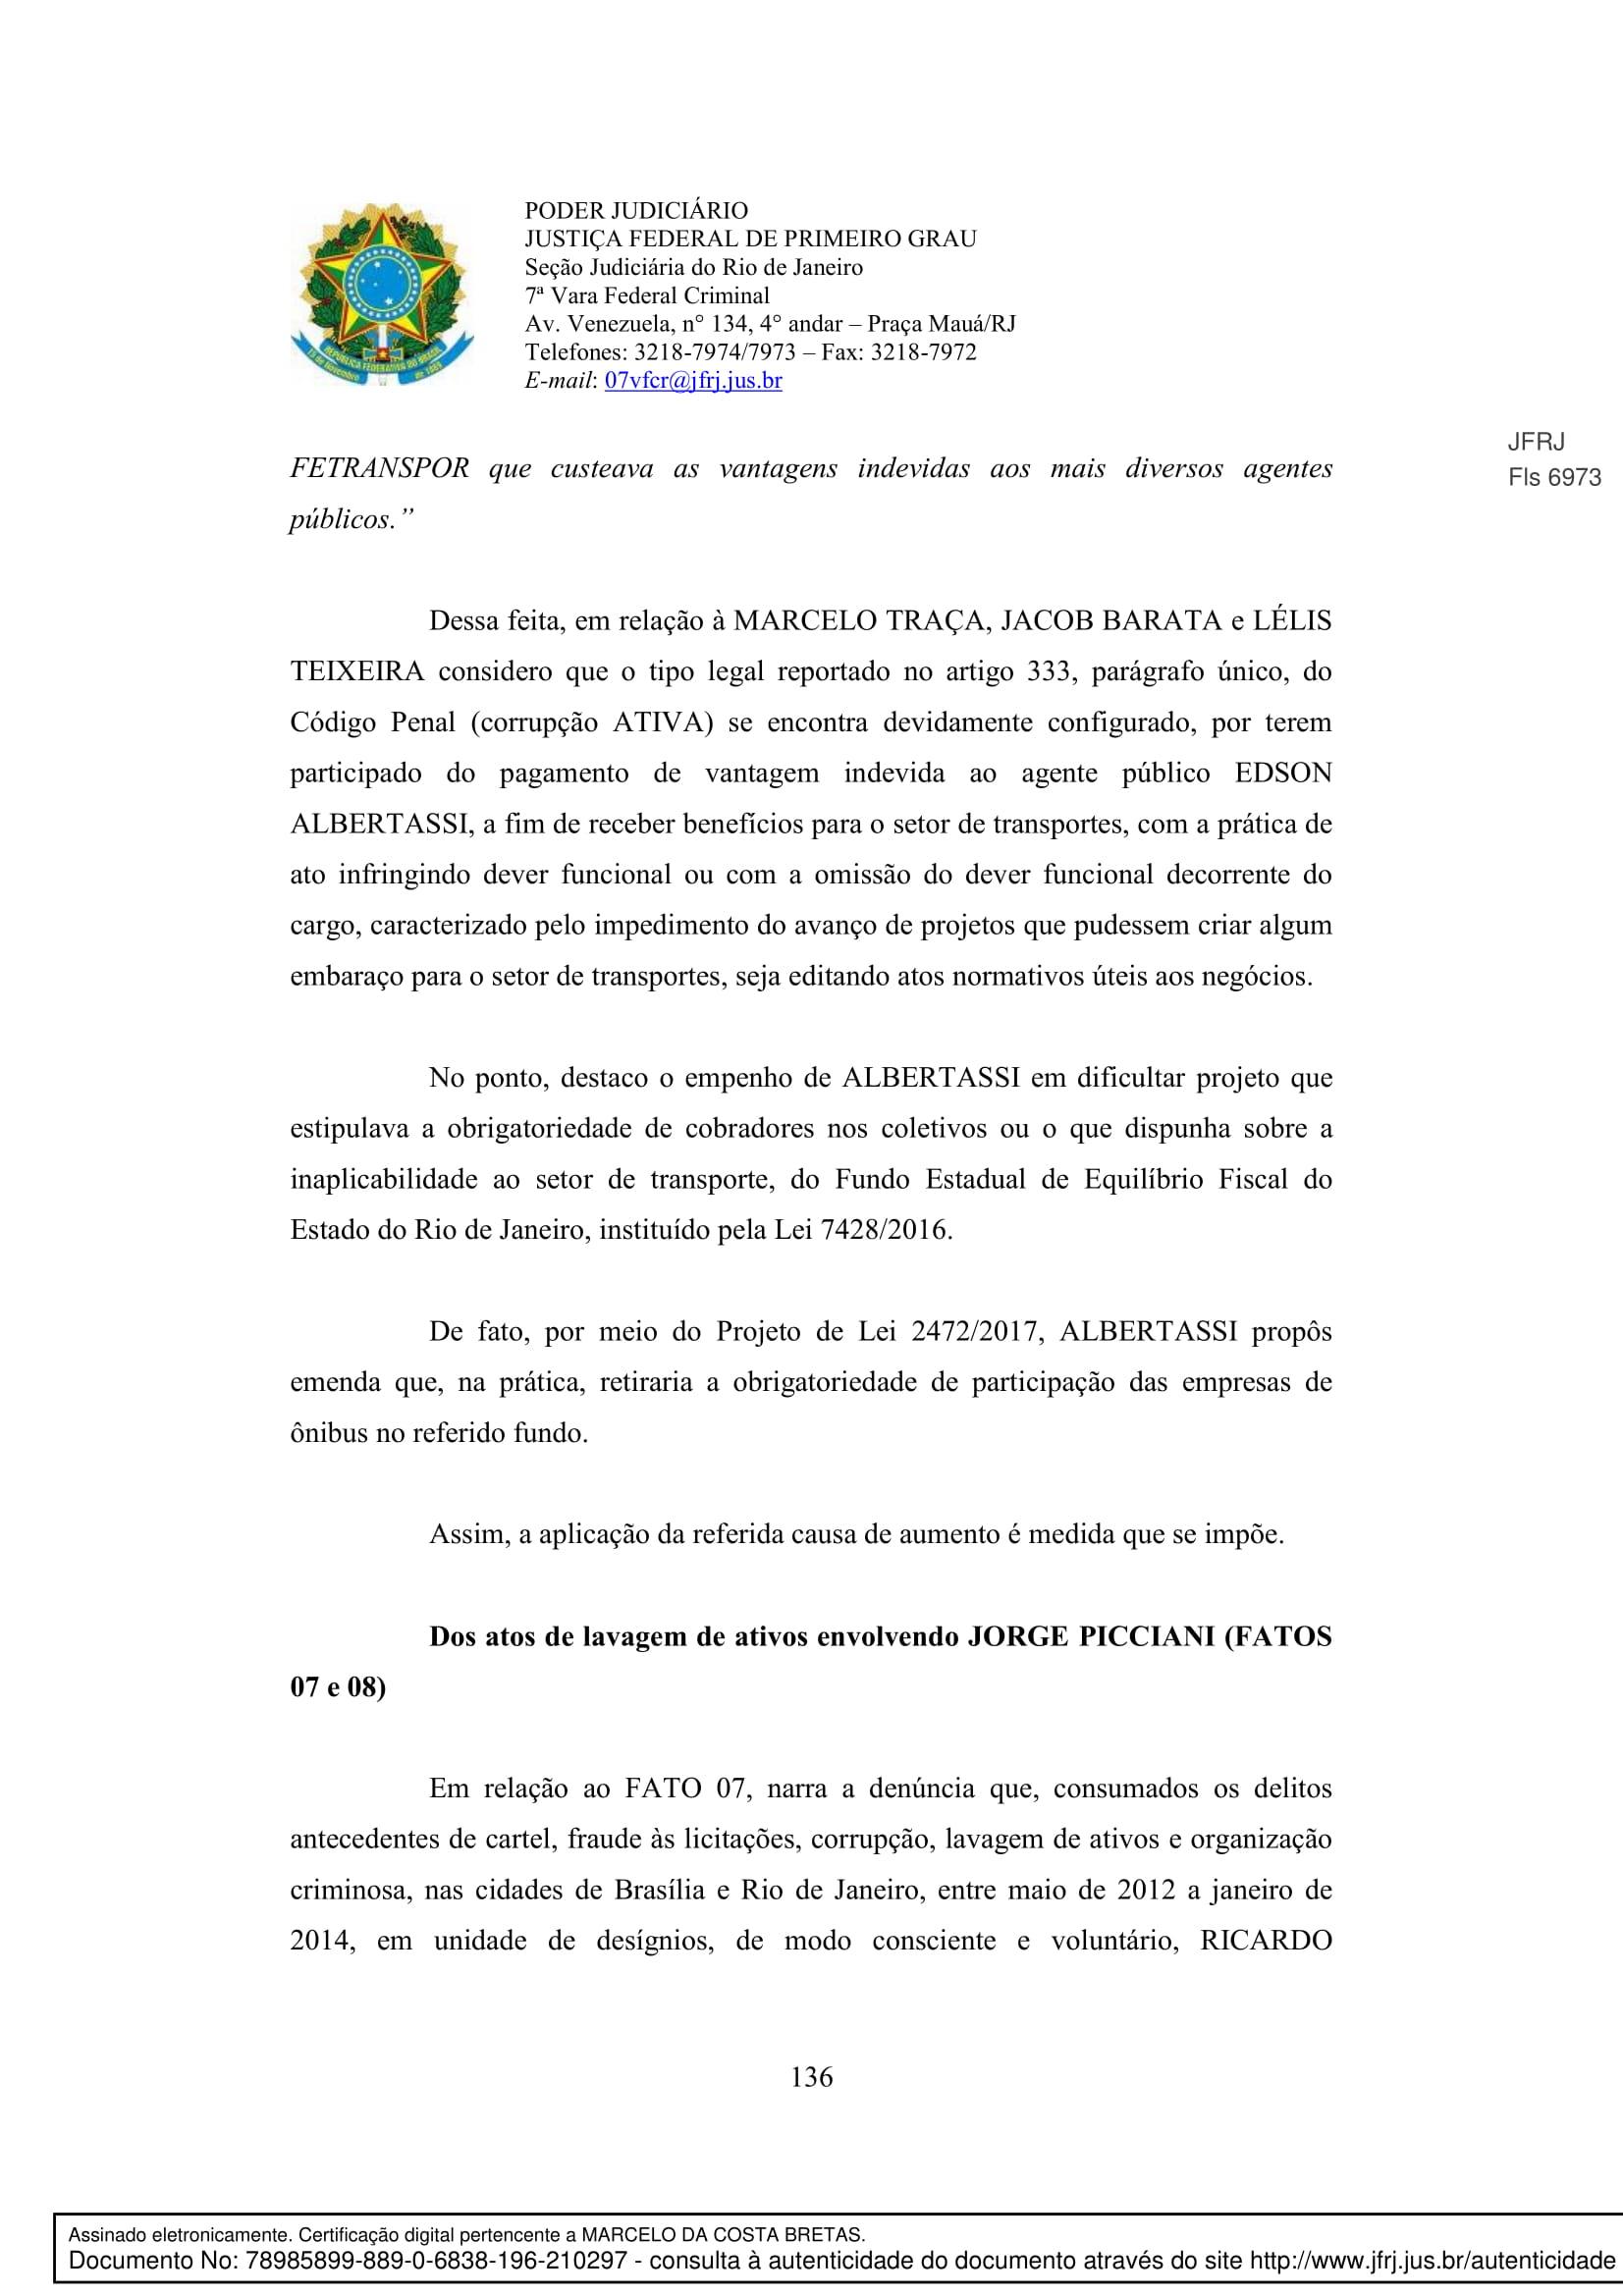 Sentenca-Cadeia-Velha-7VFC-136